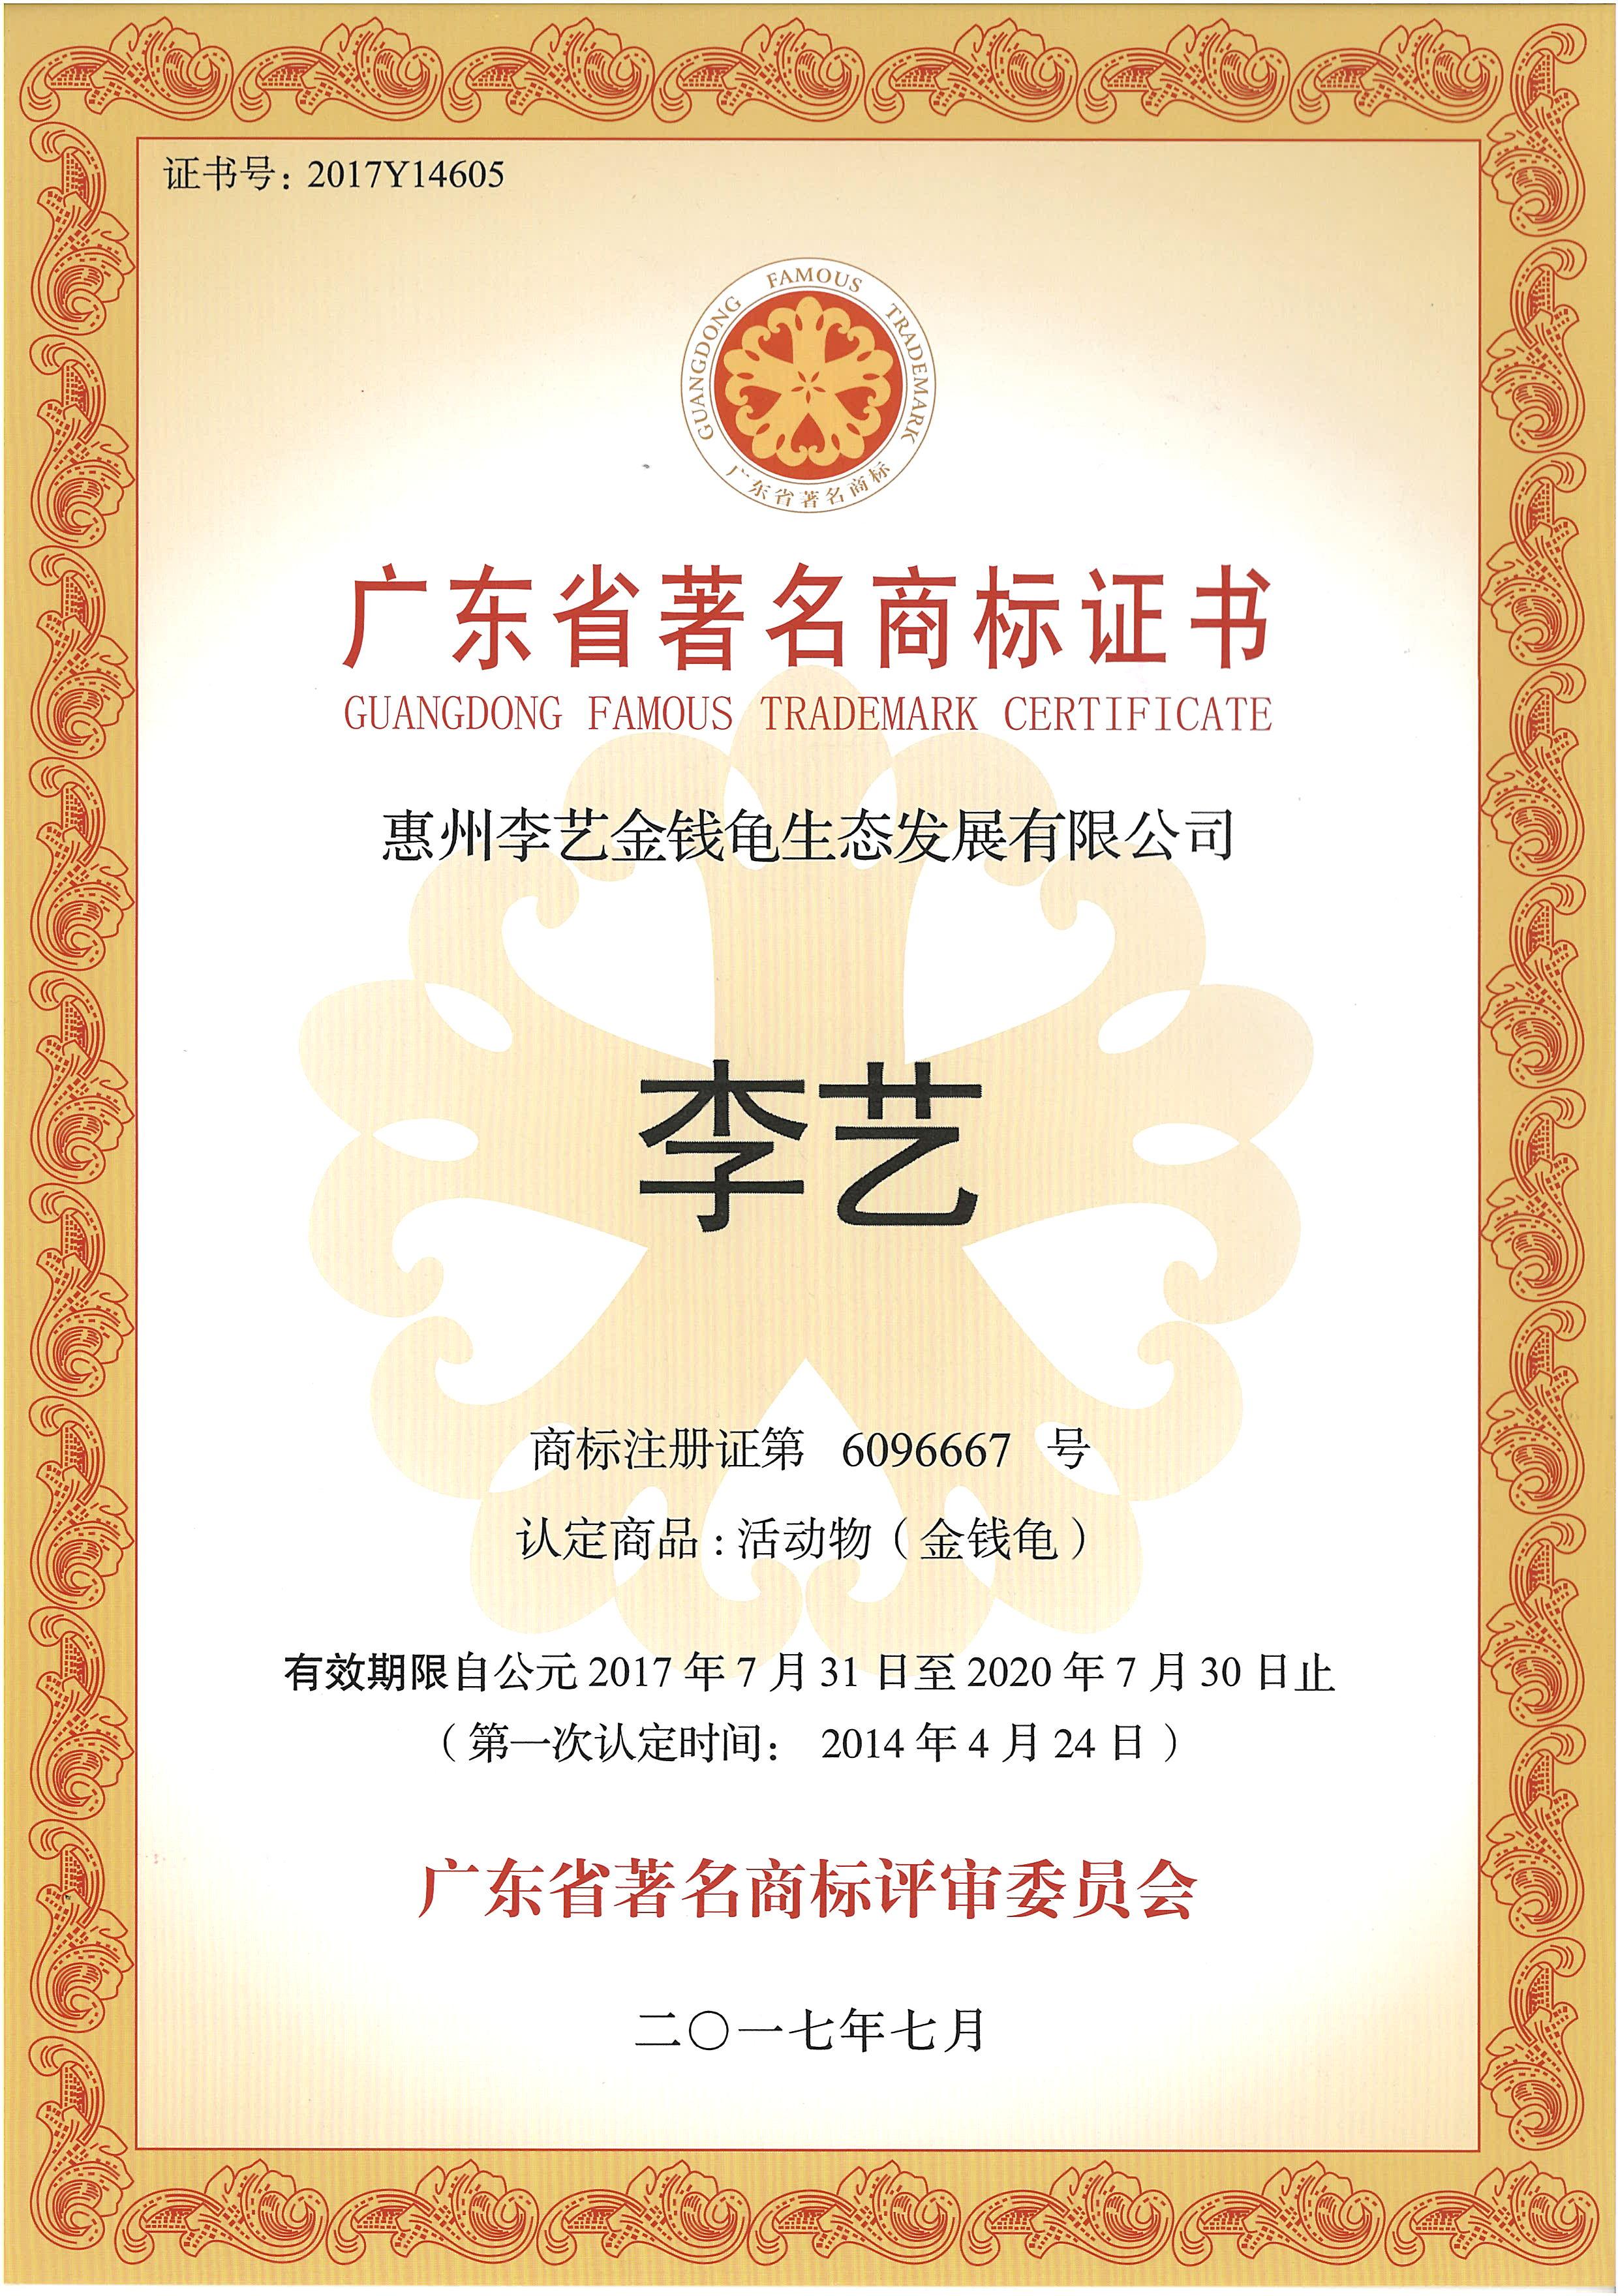 廣東著名商標證書